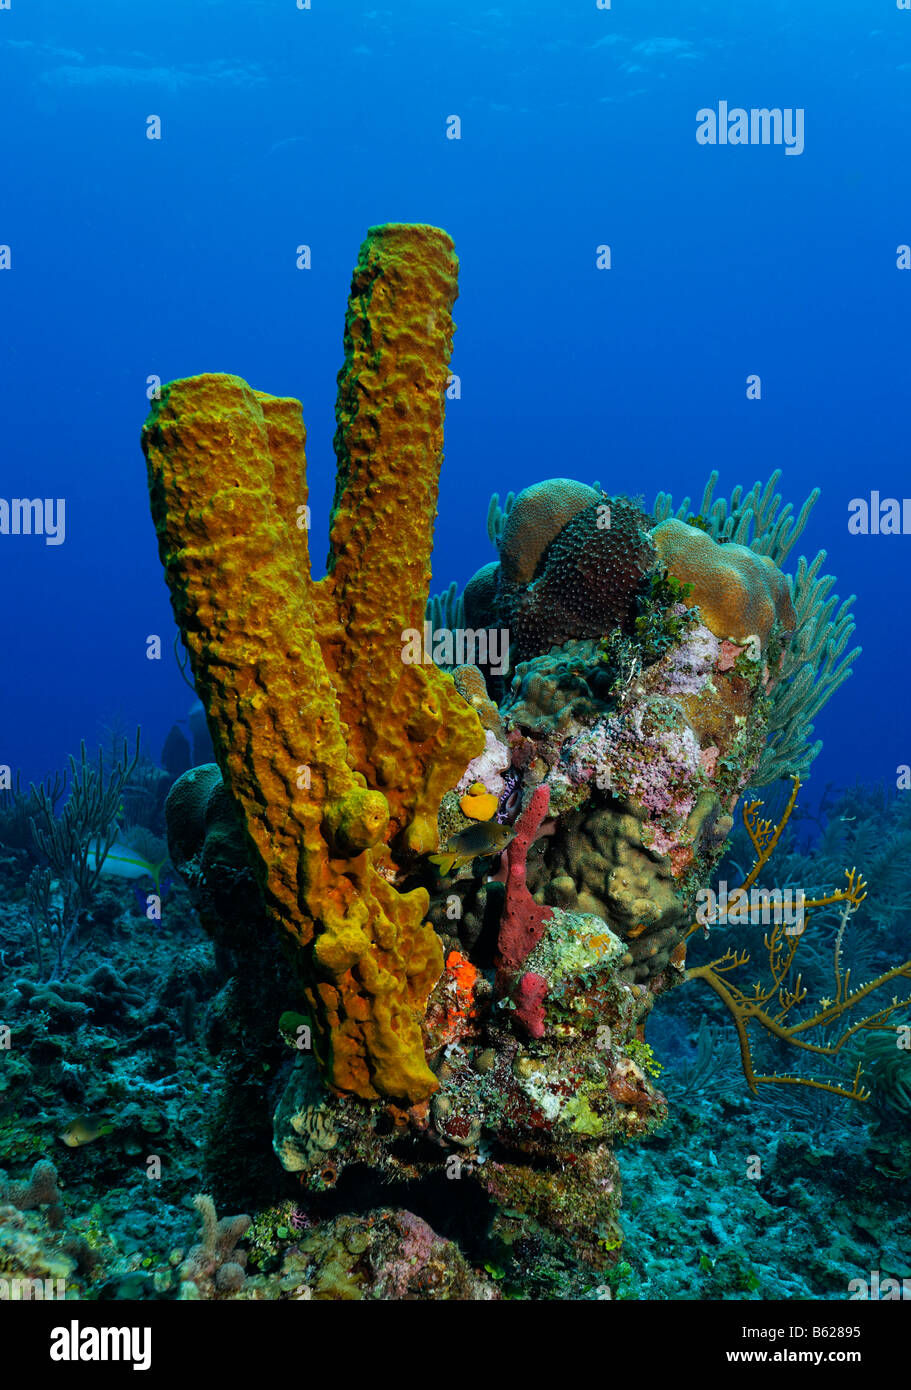 Kleine, mehrfarbige Korallenblock mit verschiedenen Schwämmen und Korallen, gelbe Rohr Schwamm (Aplysina Fistularis), Stockbild